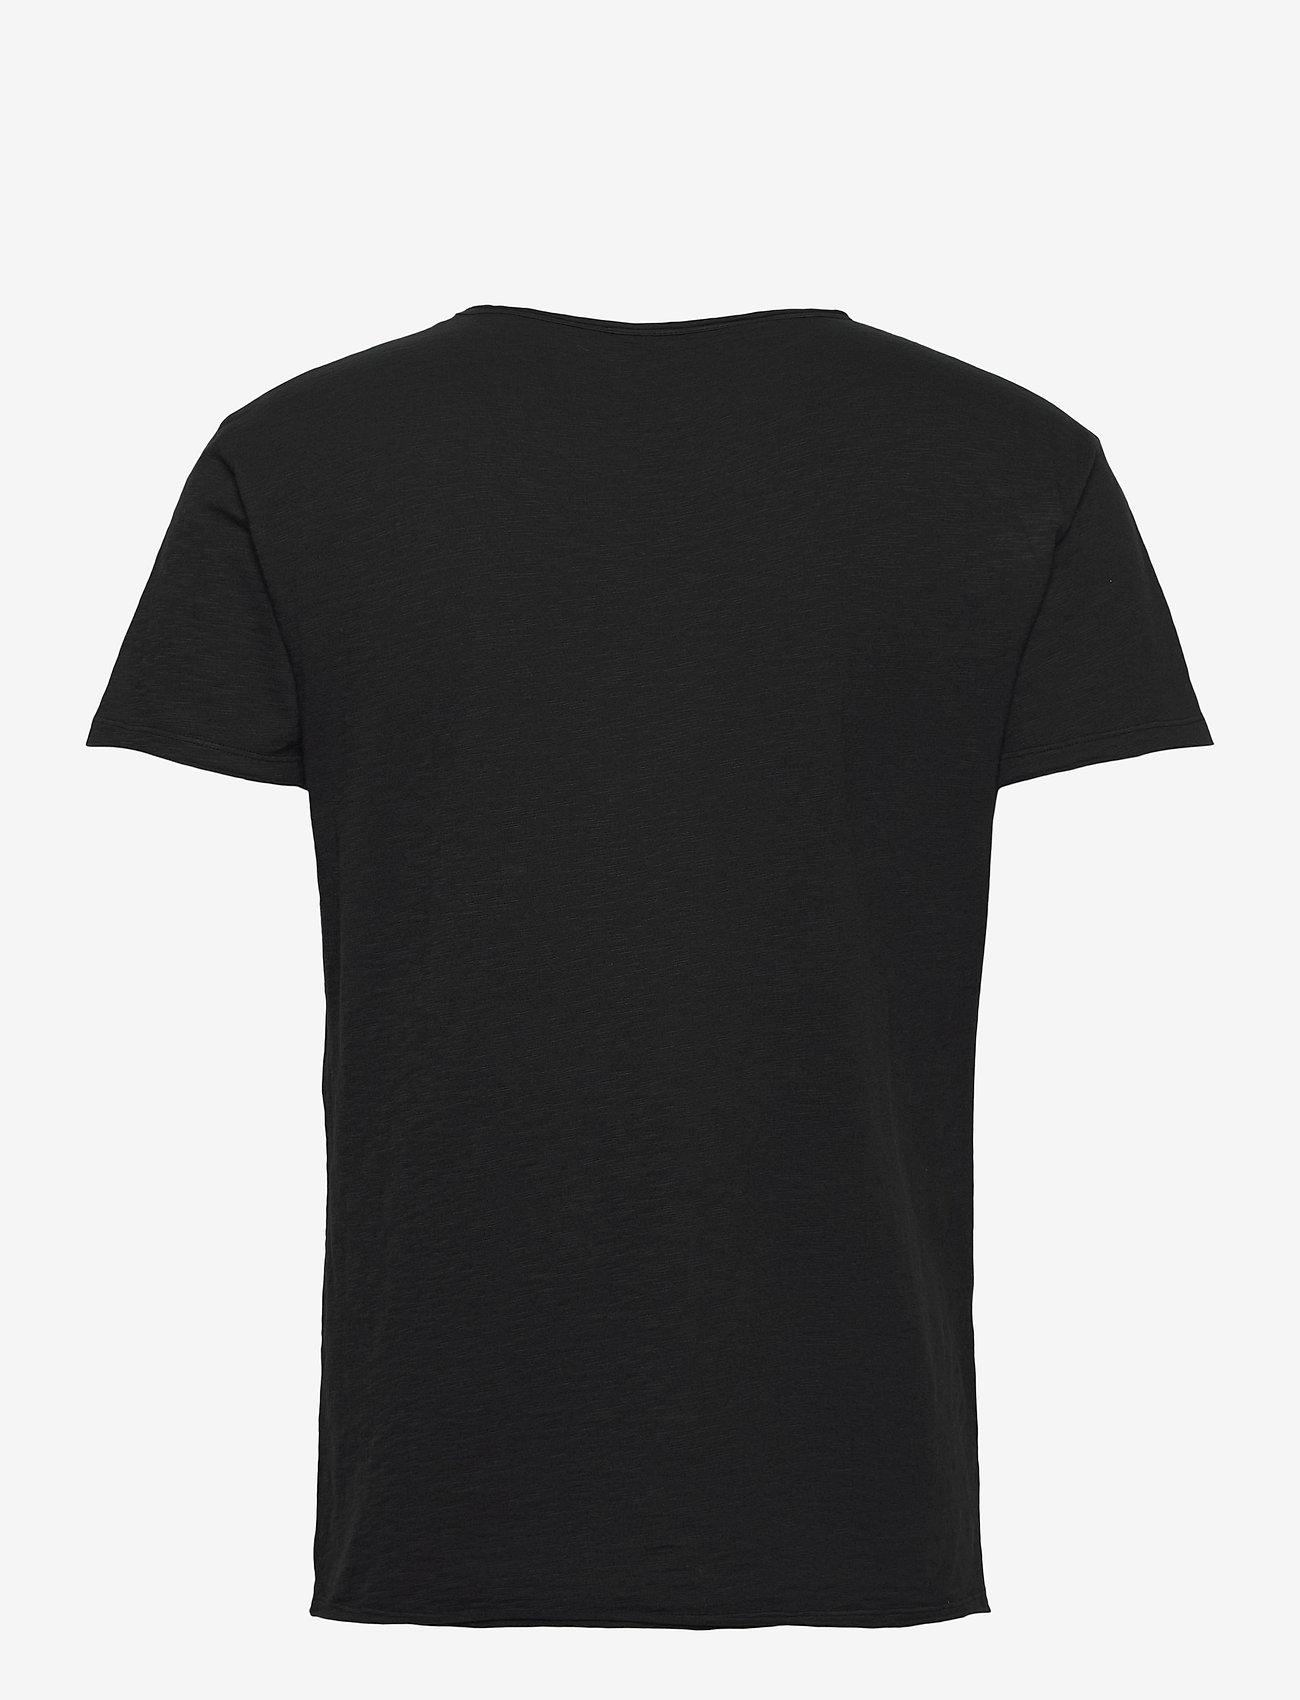 SAND - 4829 - Brad O - basic t-shirts - black - 1